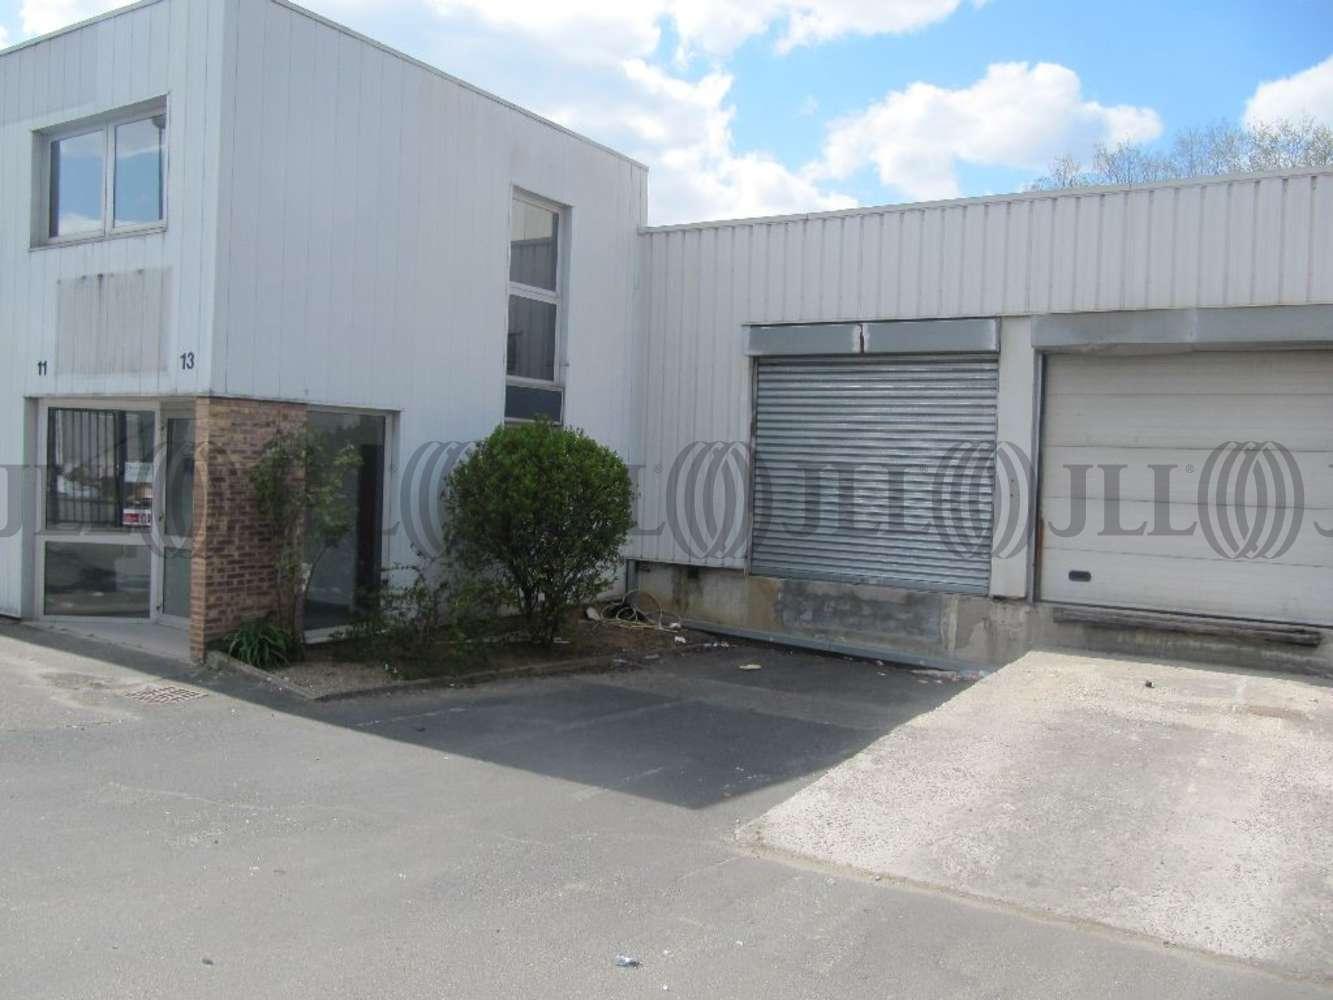 Activités/entrepôt St denis, 93200 - 11-13 RUE DE LA POTERIE